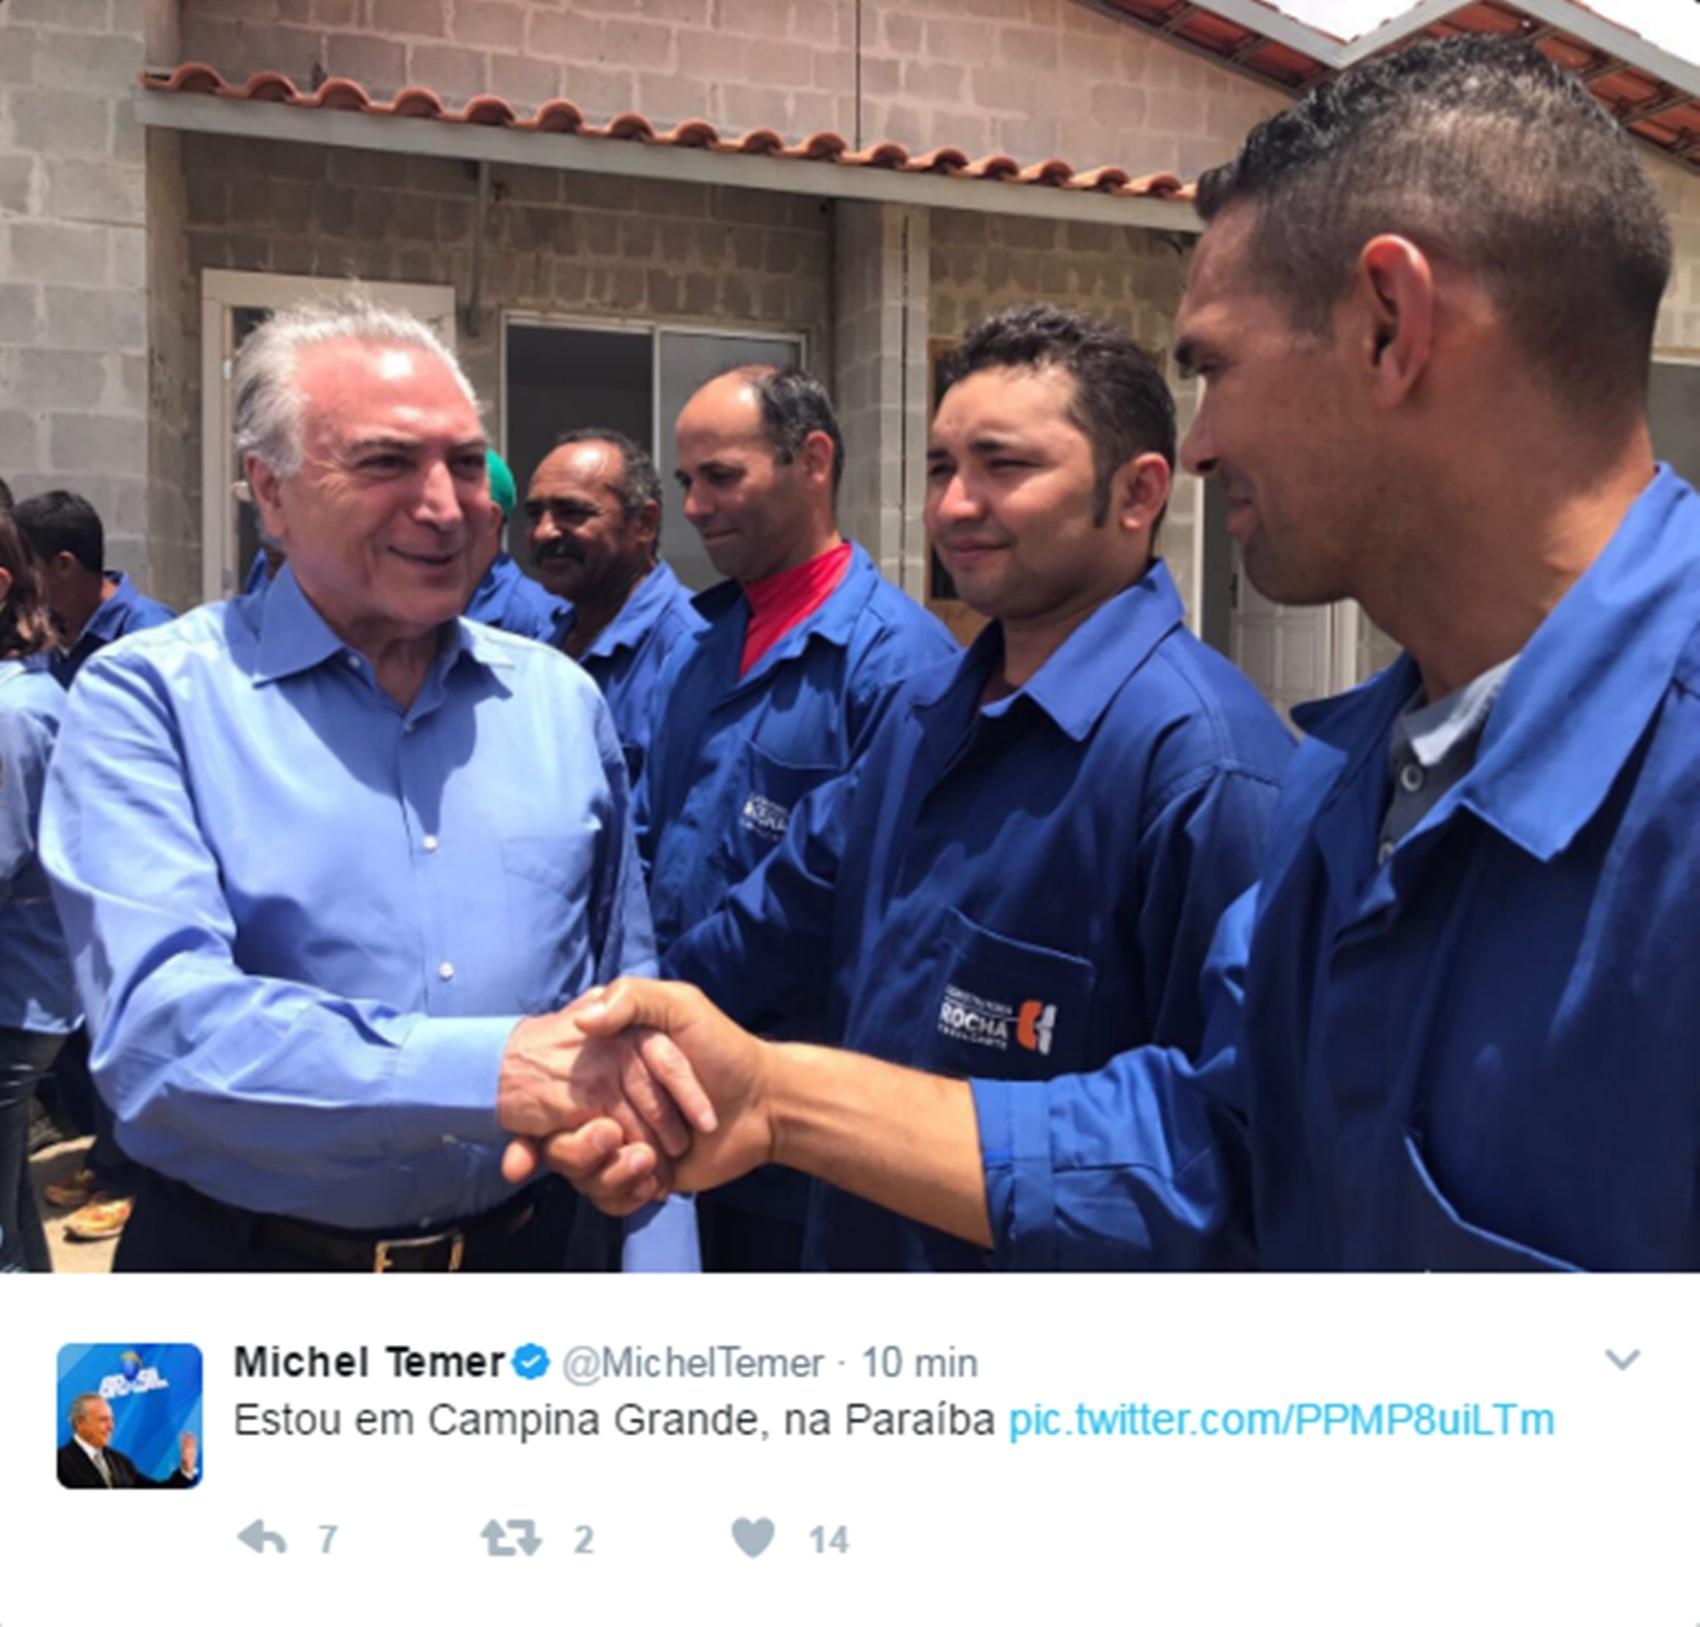 Michel Temer publicou em seu perfil em uma rede social uma foto da visita à Campina Grande nesta sexta-feira (10) (Foto: Reprodução/Twitter/@MichelTemer)